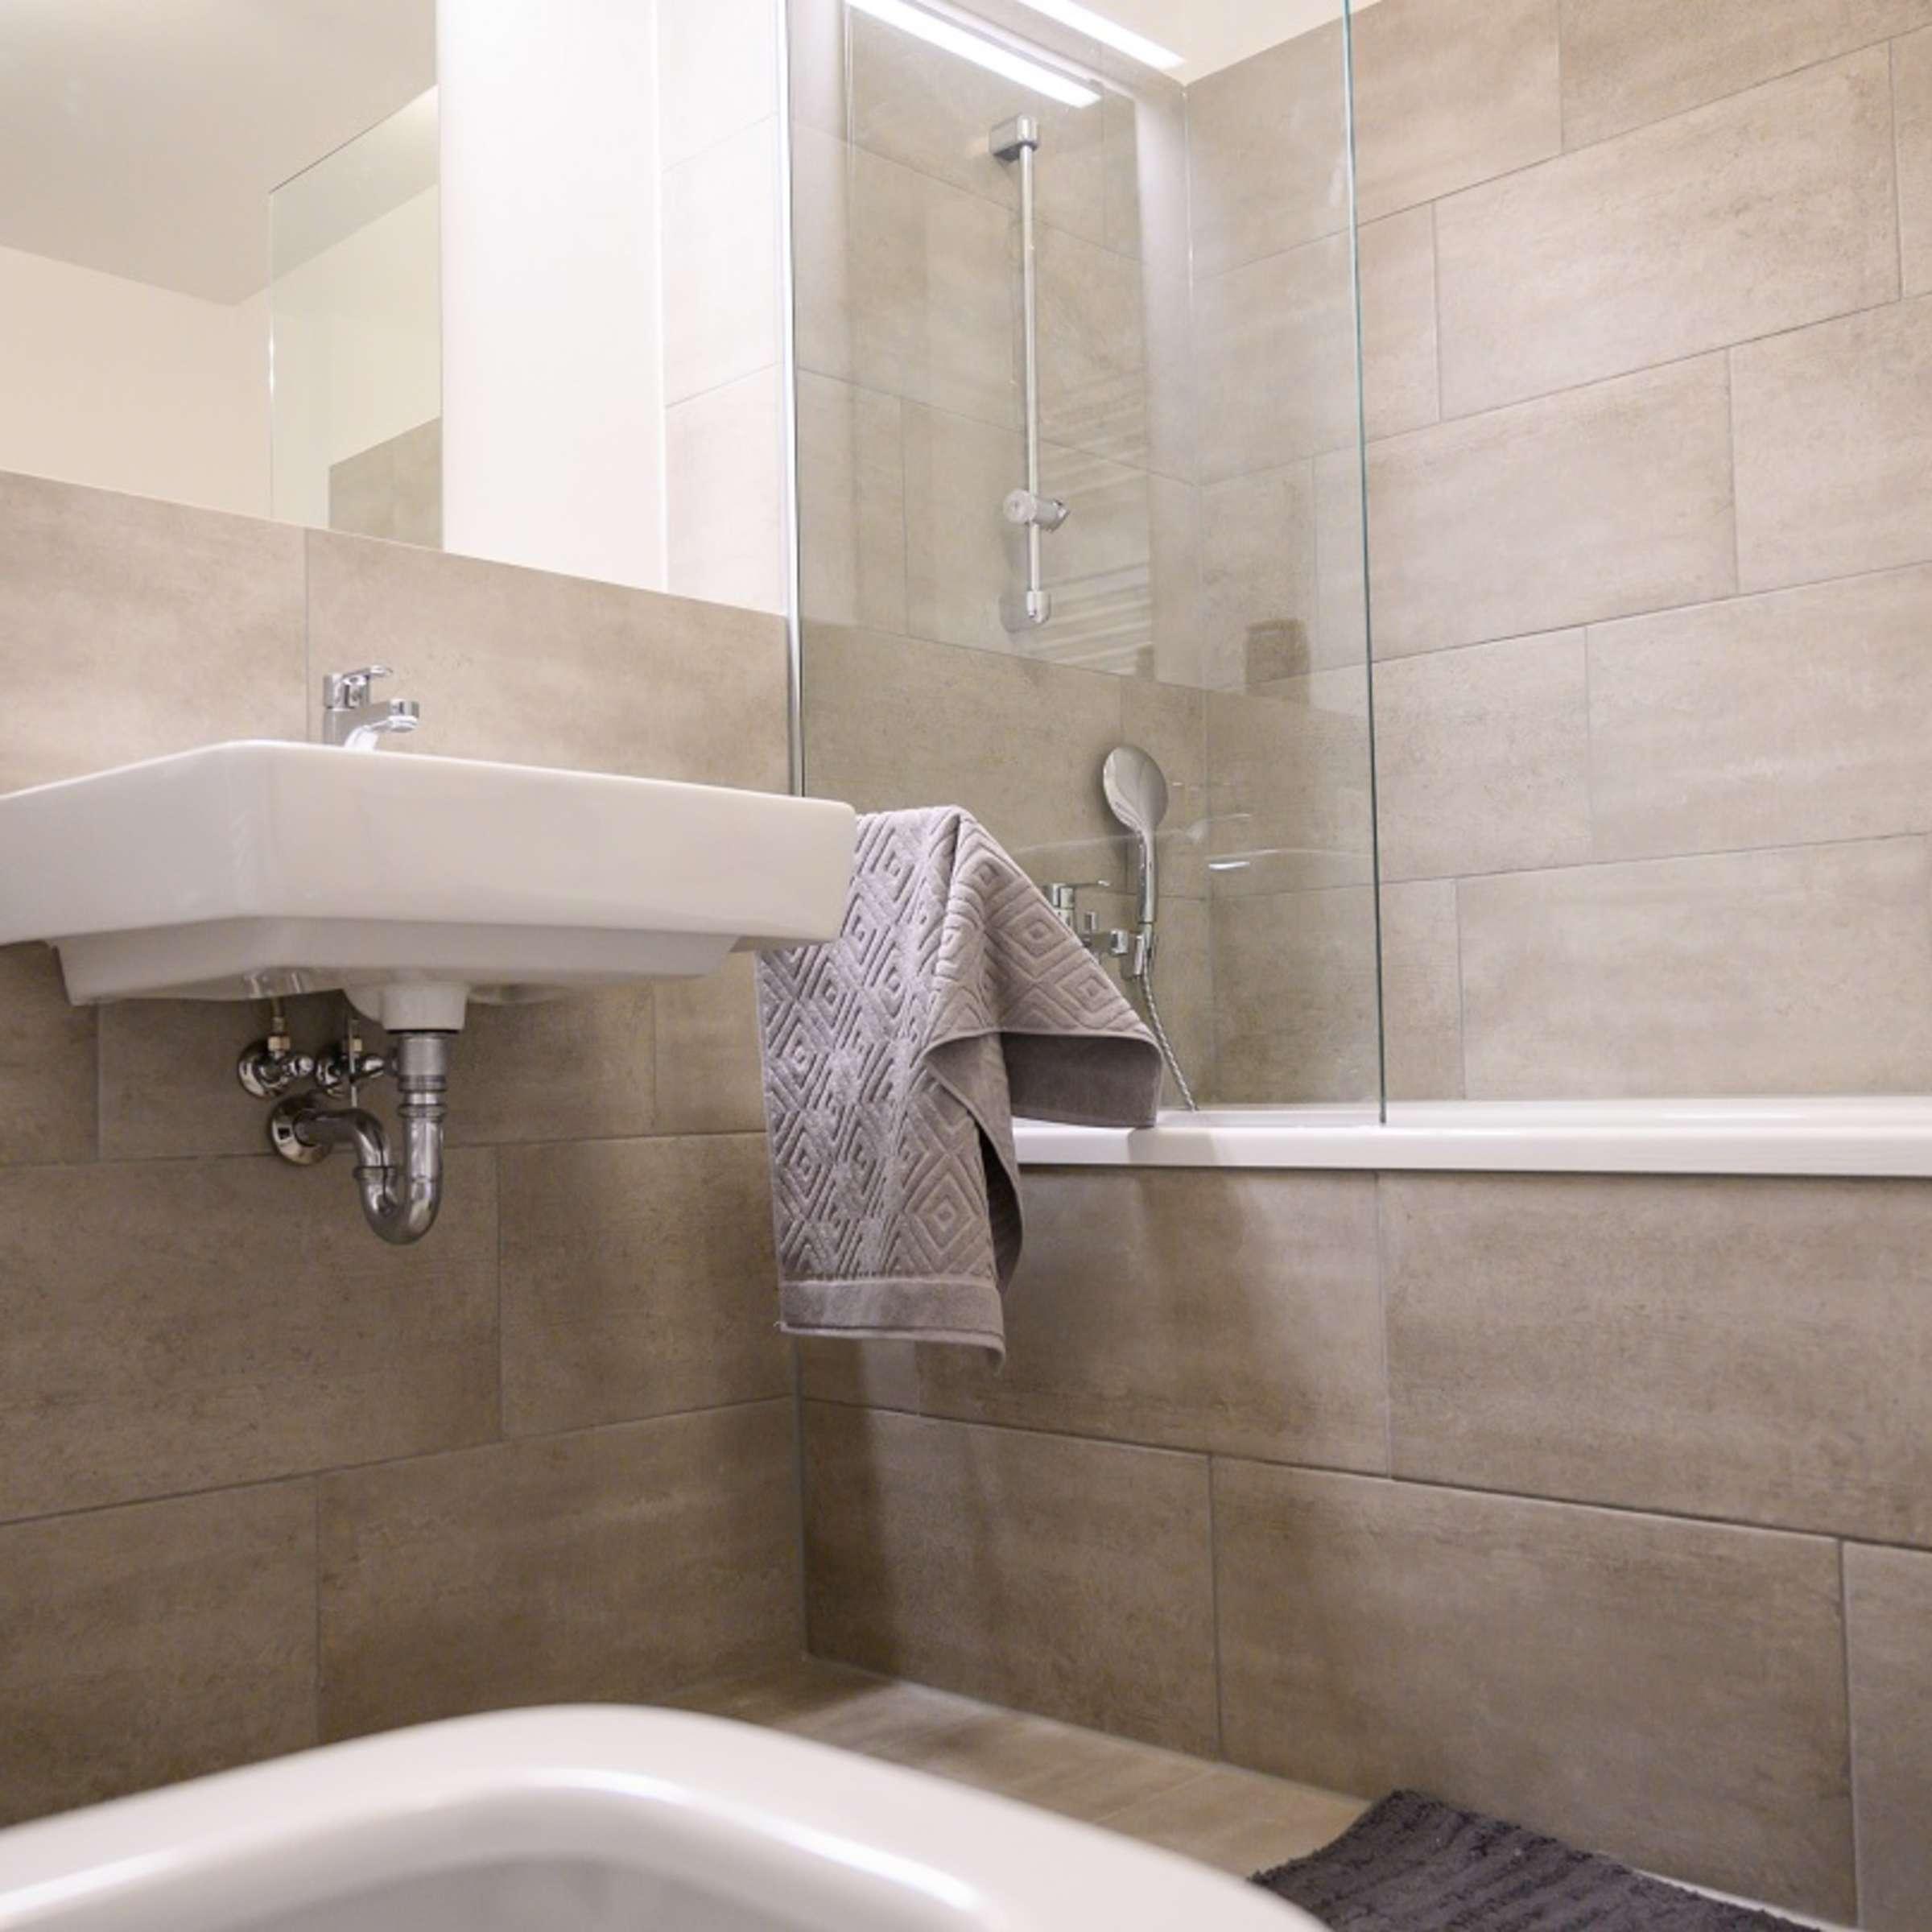 Fliesen reinigen: Das müssen Sie beim Putzen in Bad, Küche und auf